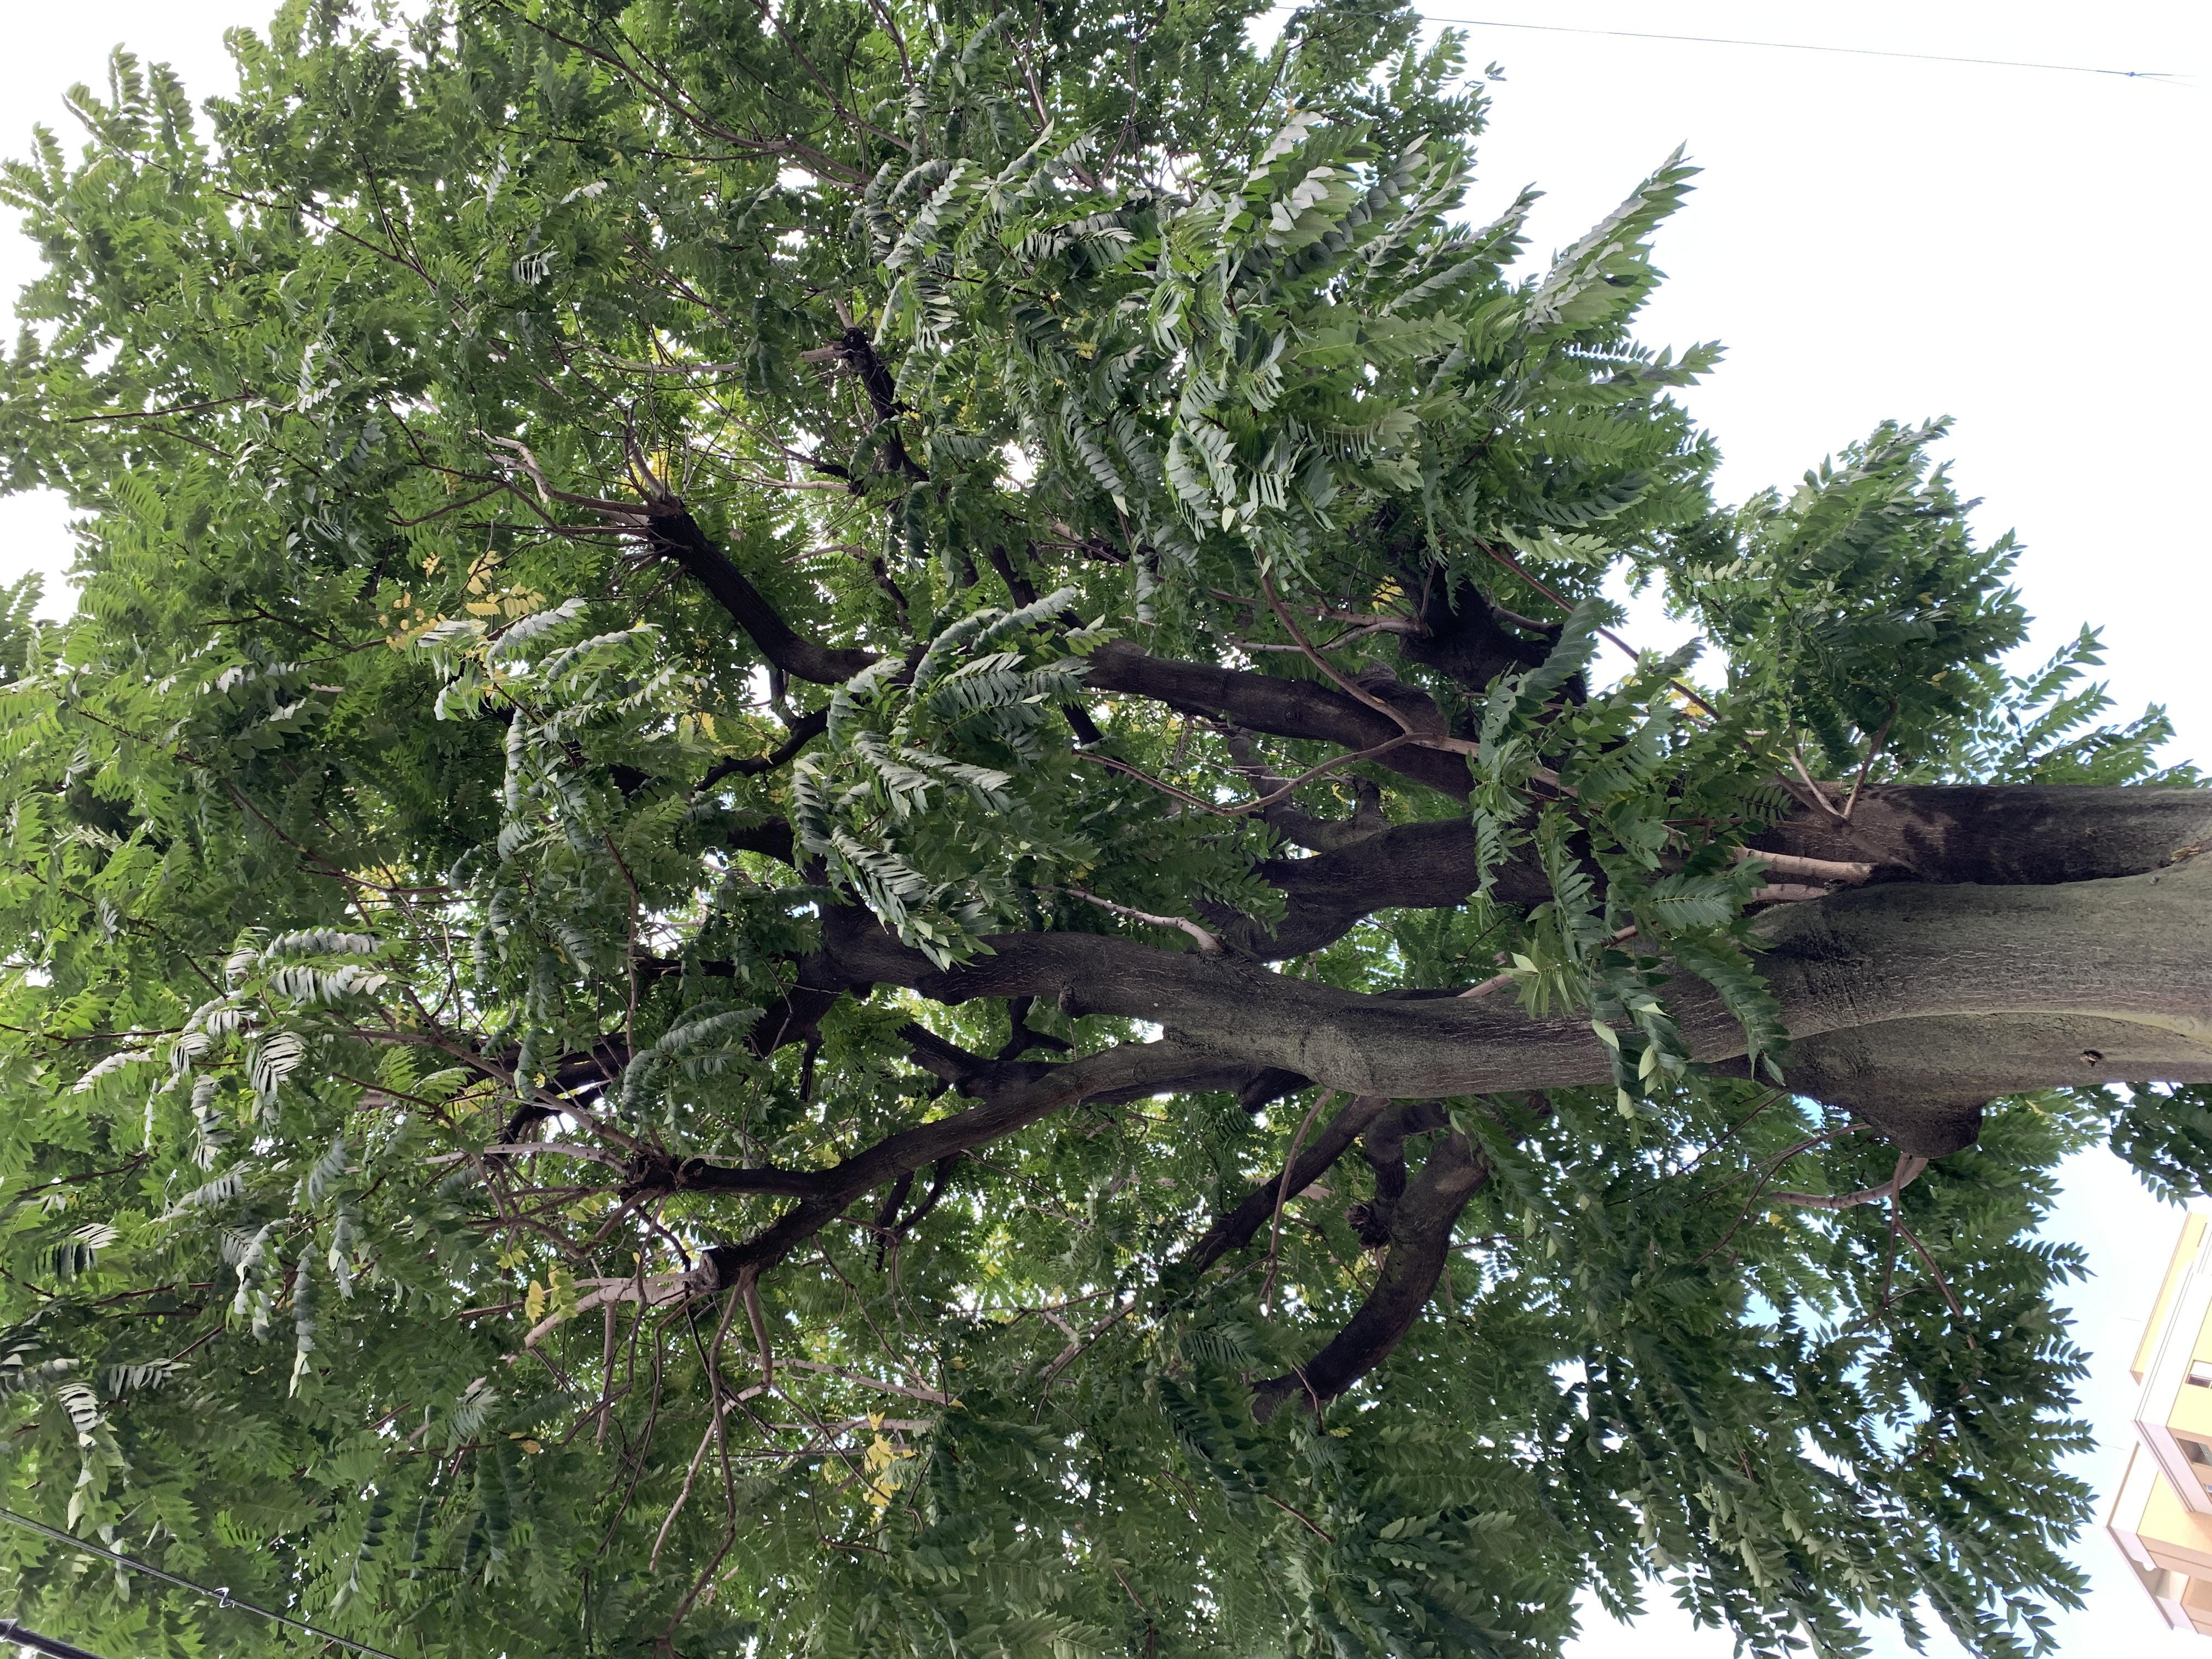 [ブログ]四天王寺界隈ぶらぶらしてたら巨木発見。